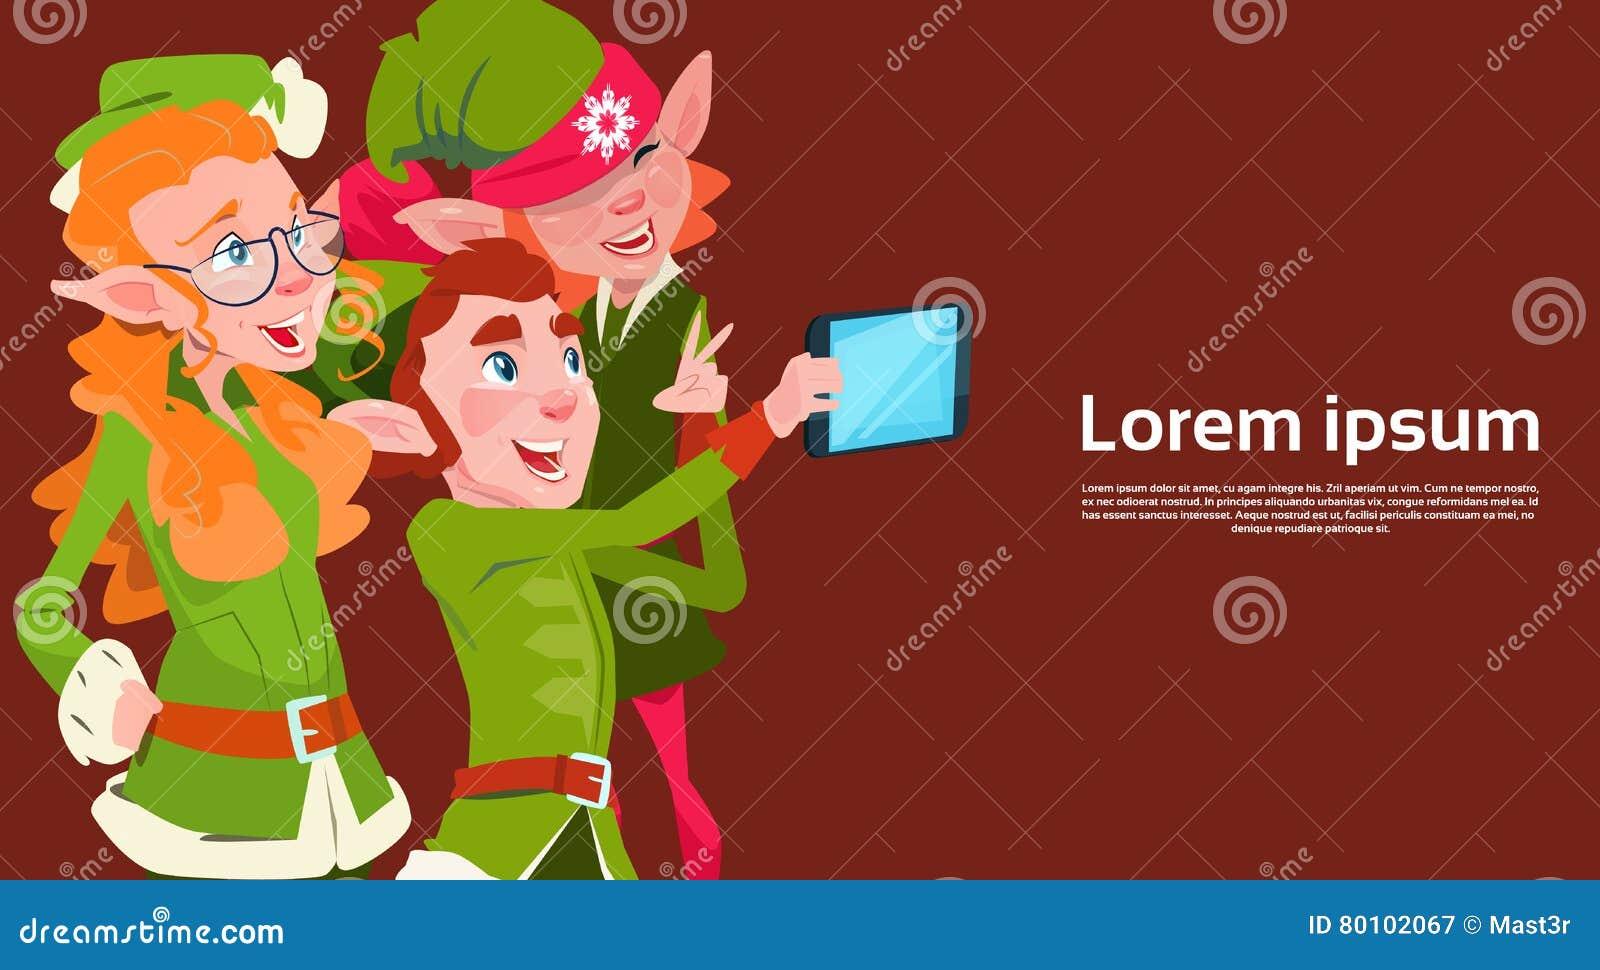 Santa Claus Helper Green Elf Group que faz a foto de Selfie, cartão do feriado do Natal do ano novo